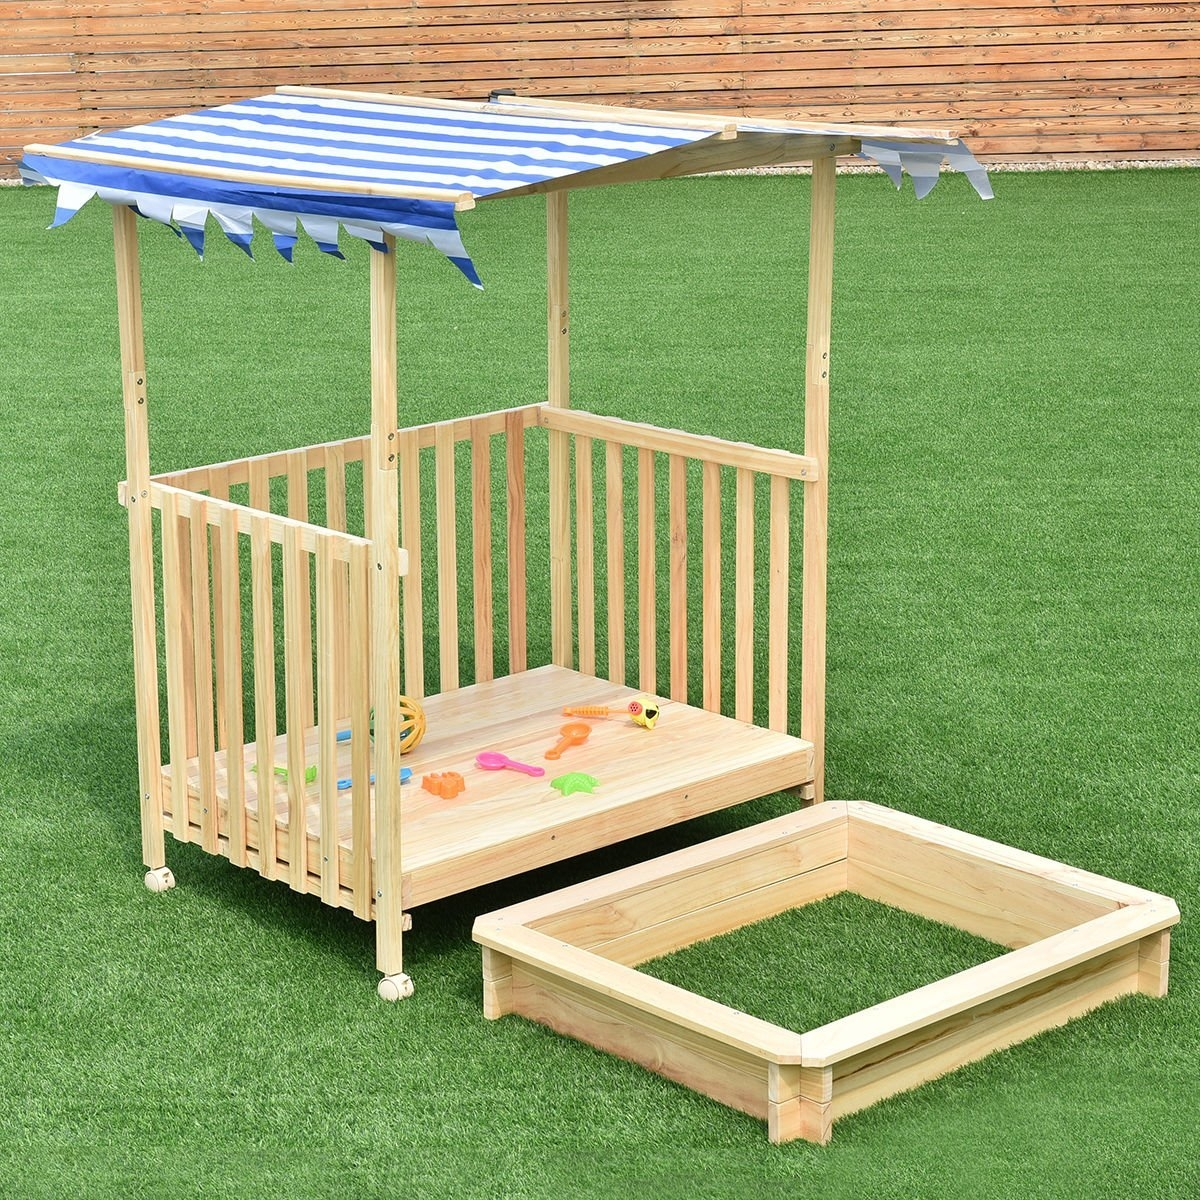 New MTN-G Beach Cabana Sandbox Retractable Playhouse With...